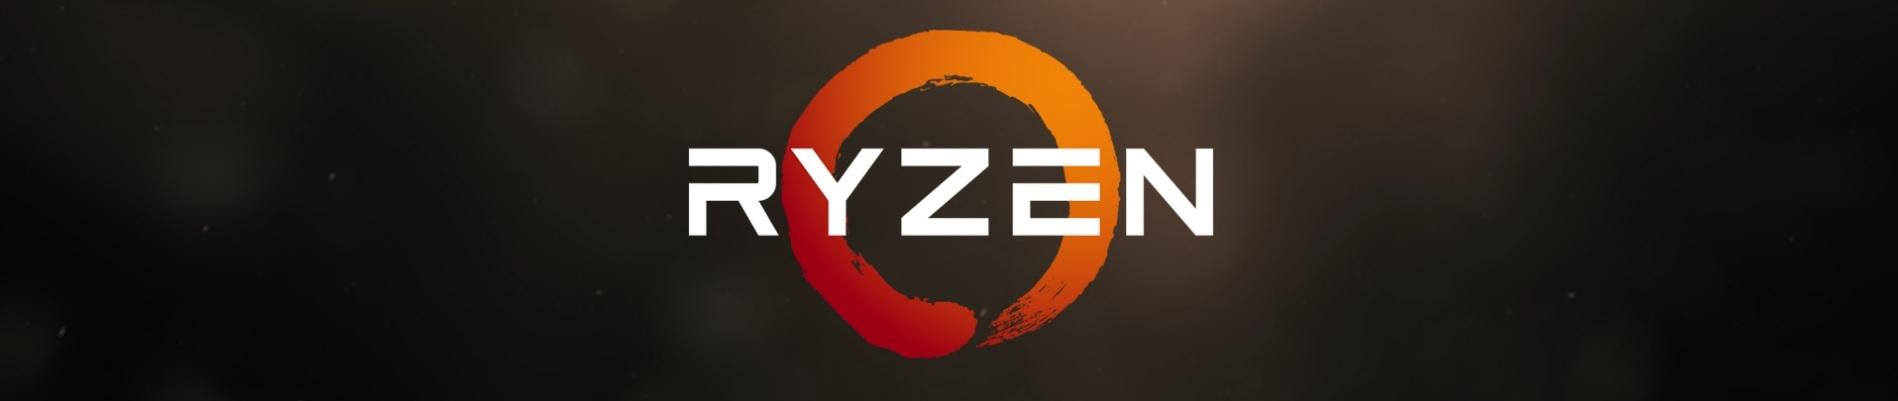 ryzen_header